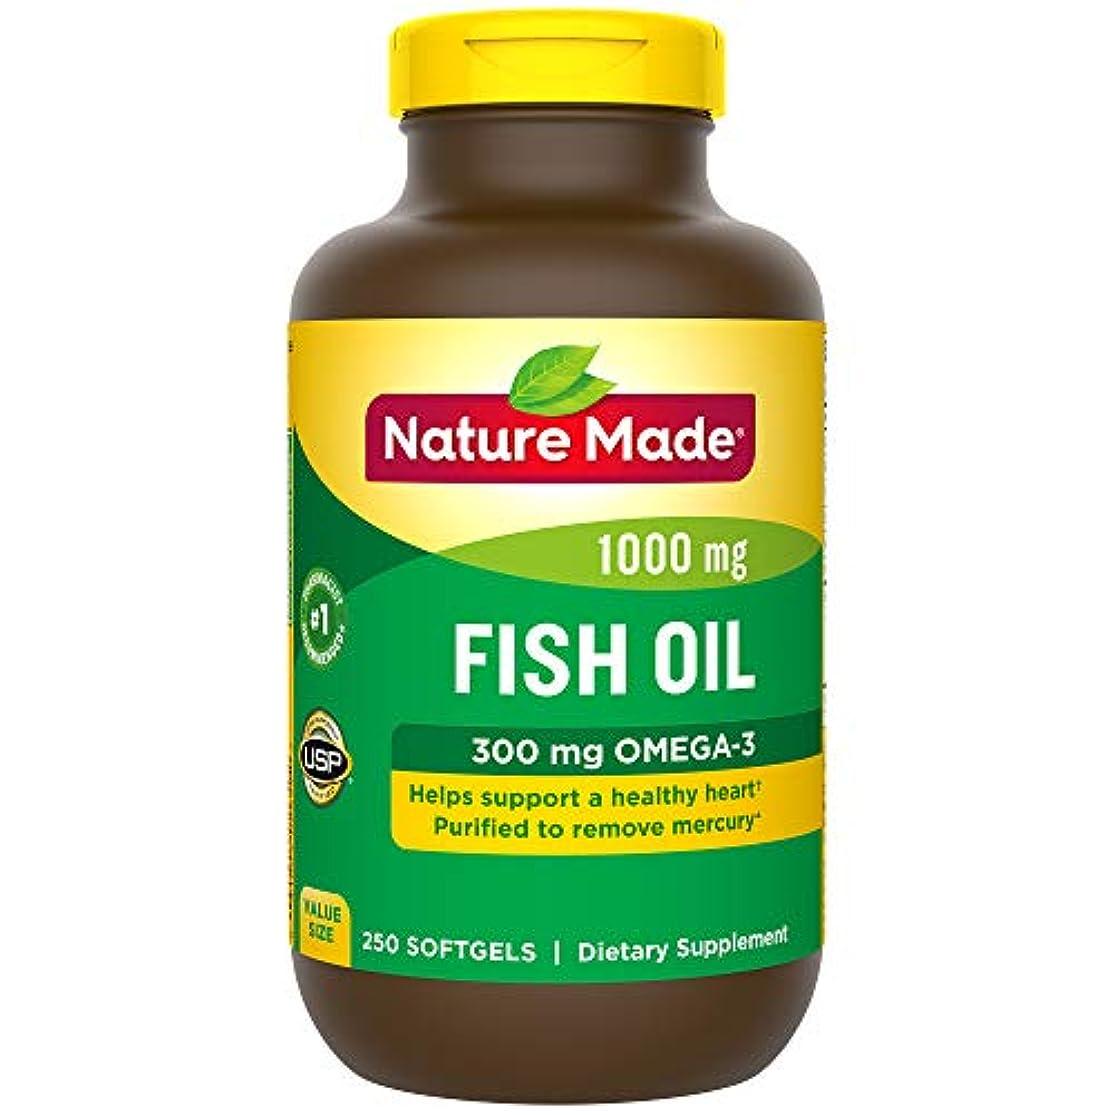 着るかまどドアNature Made Fish Oil 1000 Mg, Value Size, Softgels, 250-Count 海外直送品